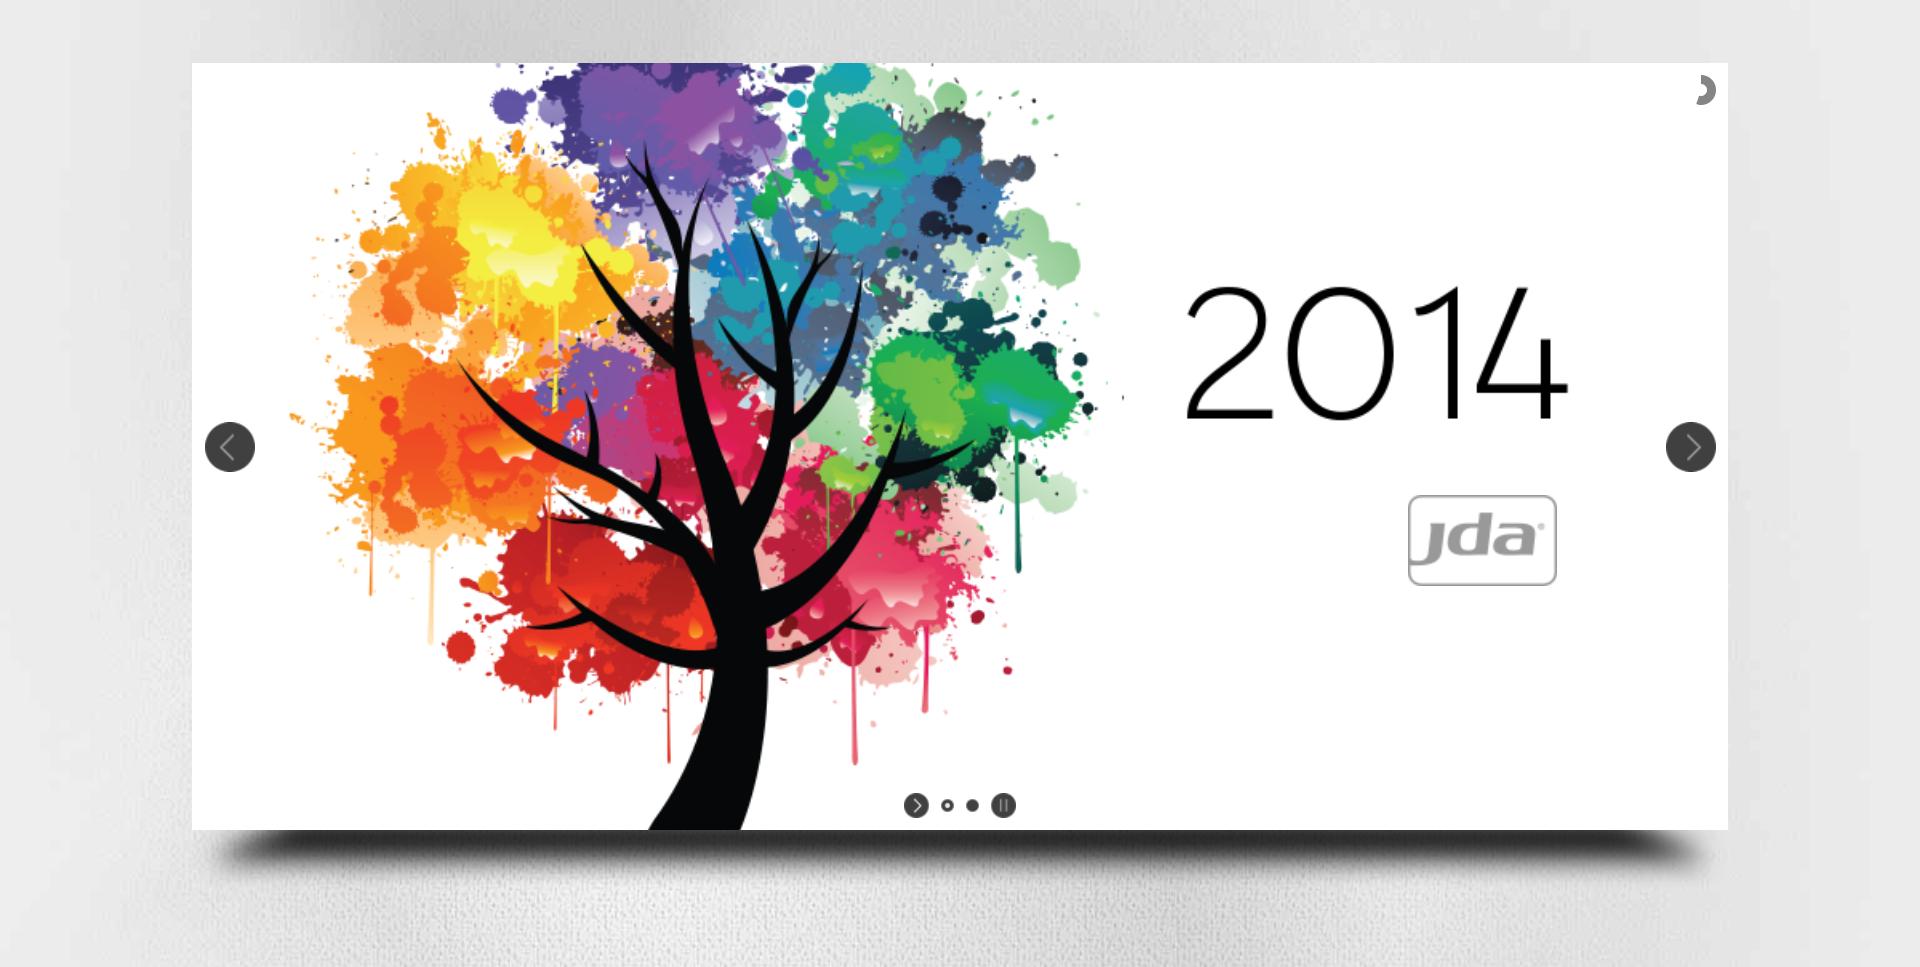 JDA Holiday Card V1